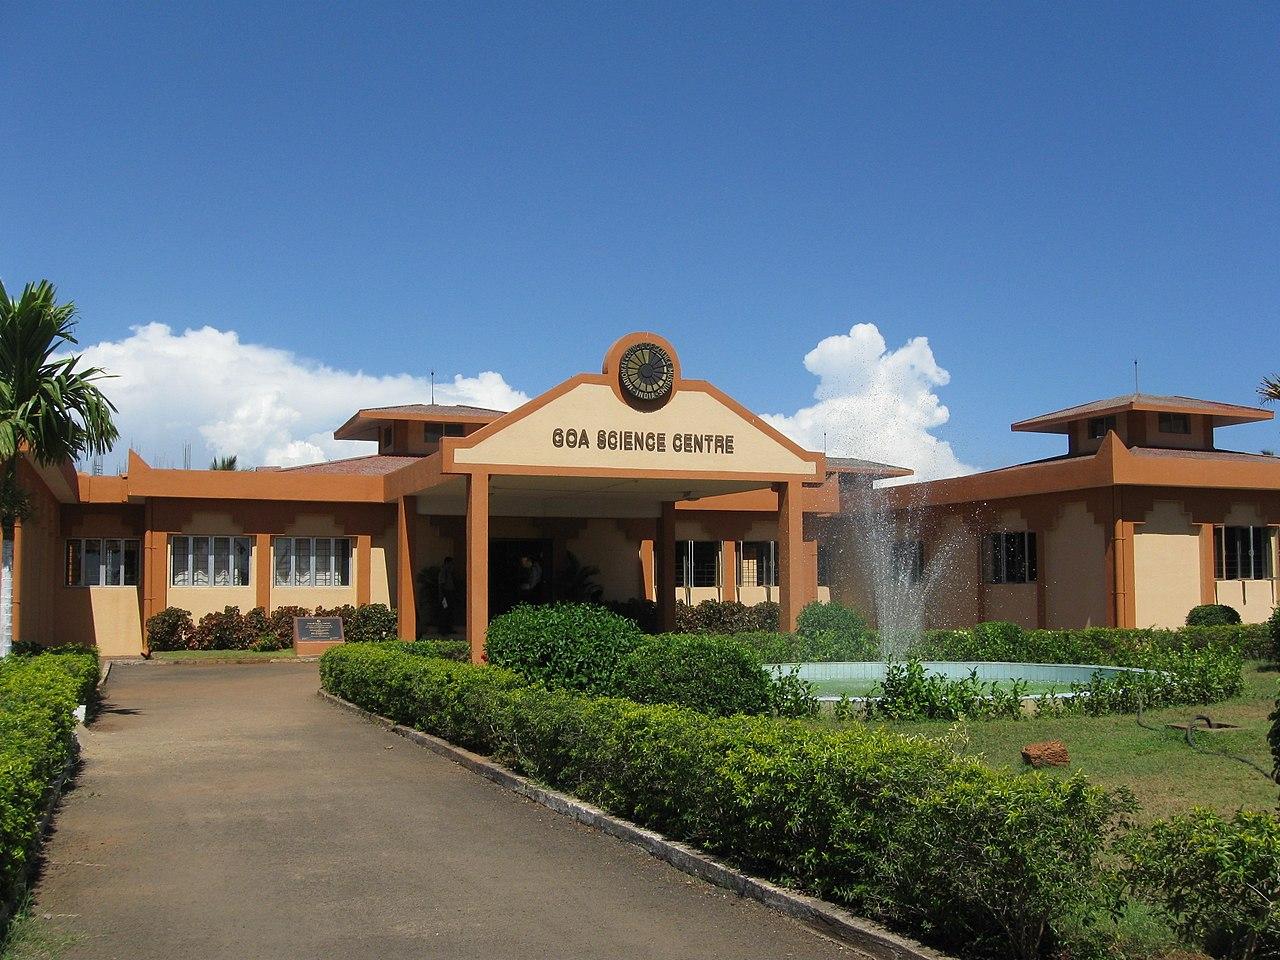 Famous Goa Museum-Goa Science Centre